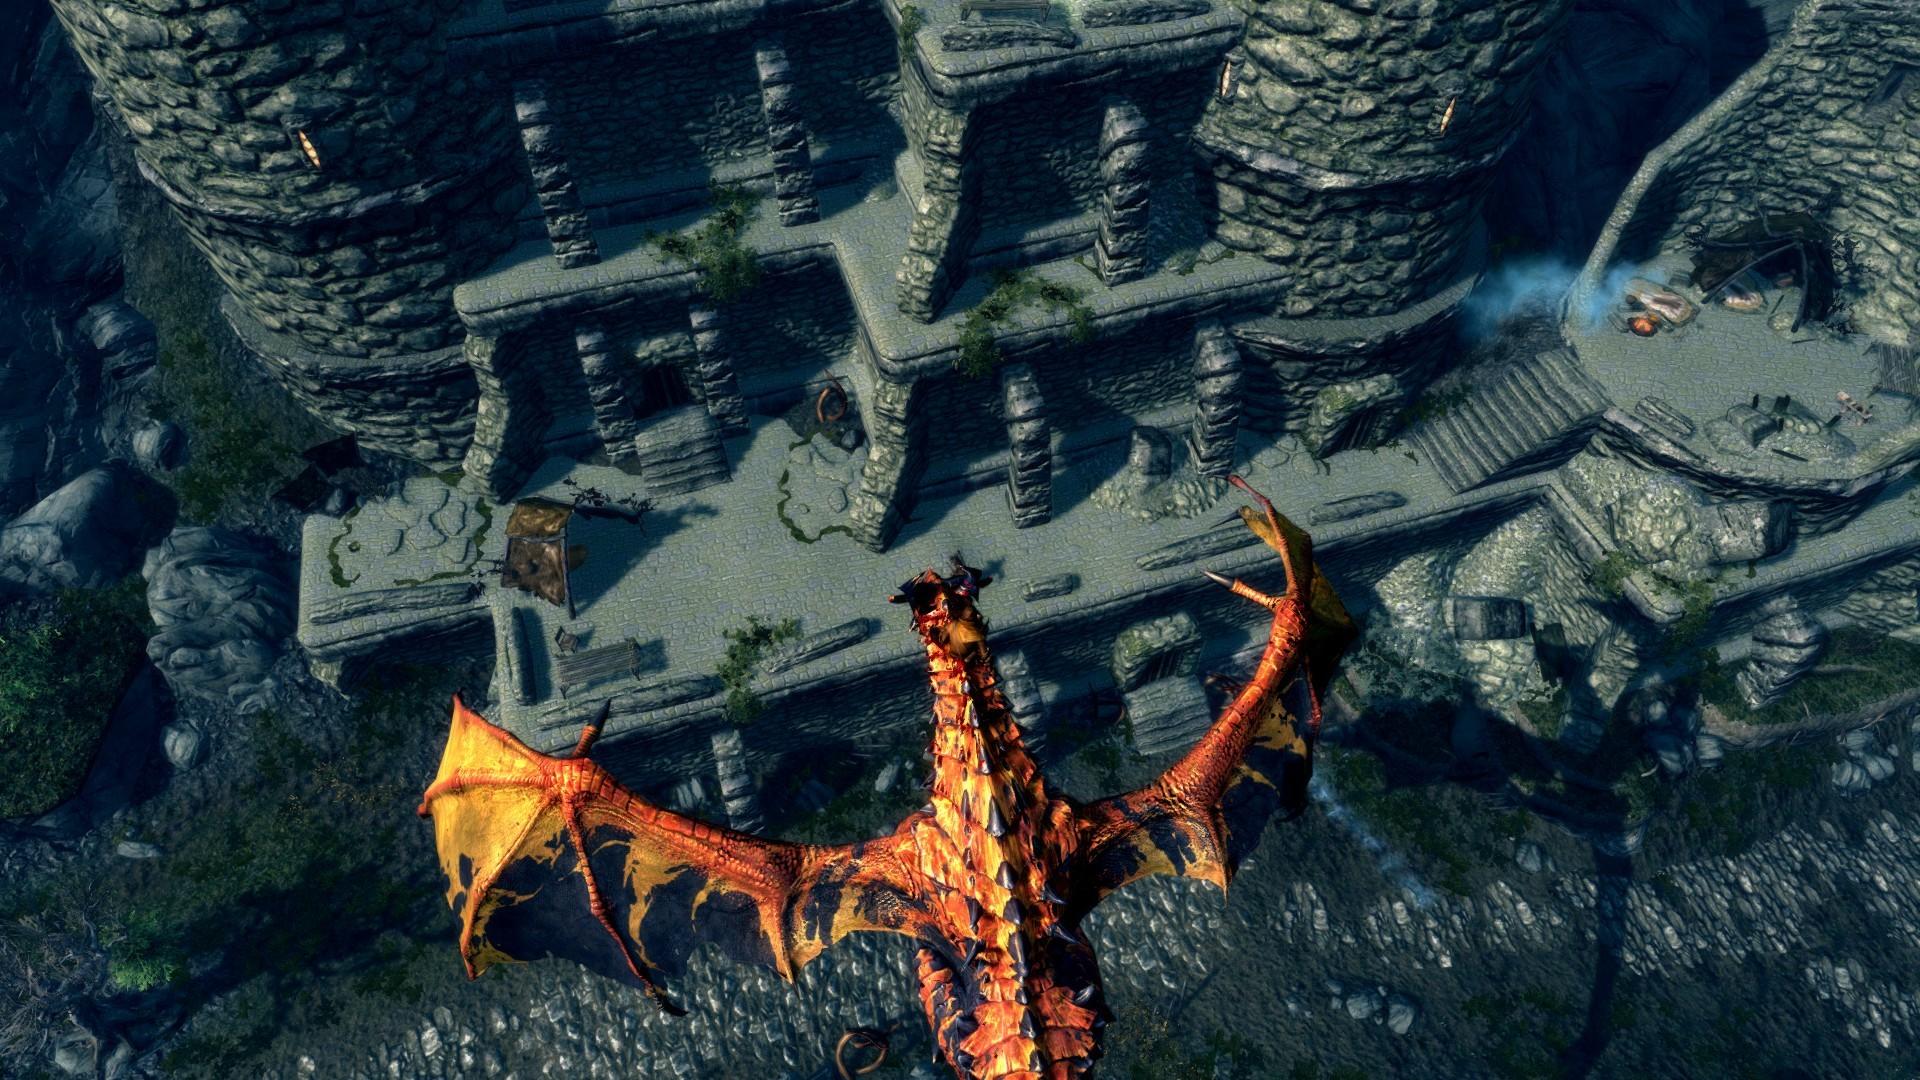 Wallpaper : video games, The Elder Scrolls V Skyrim